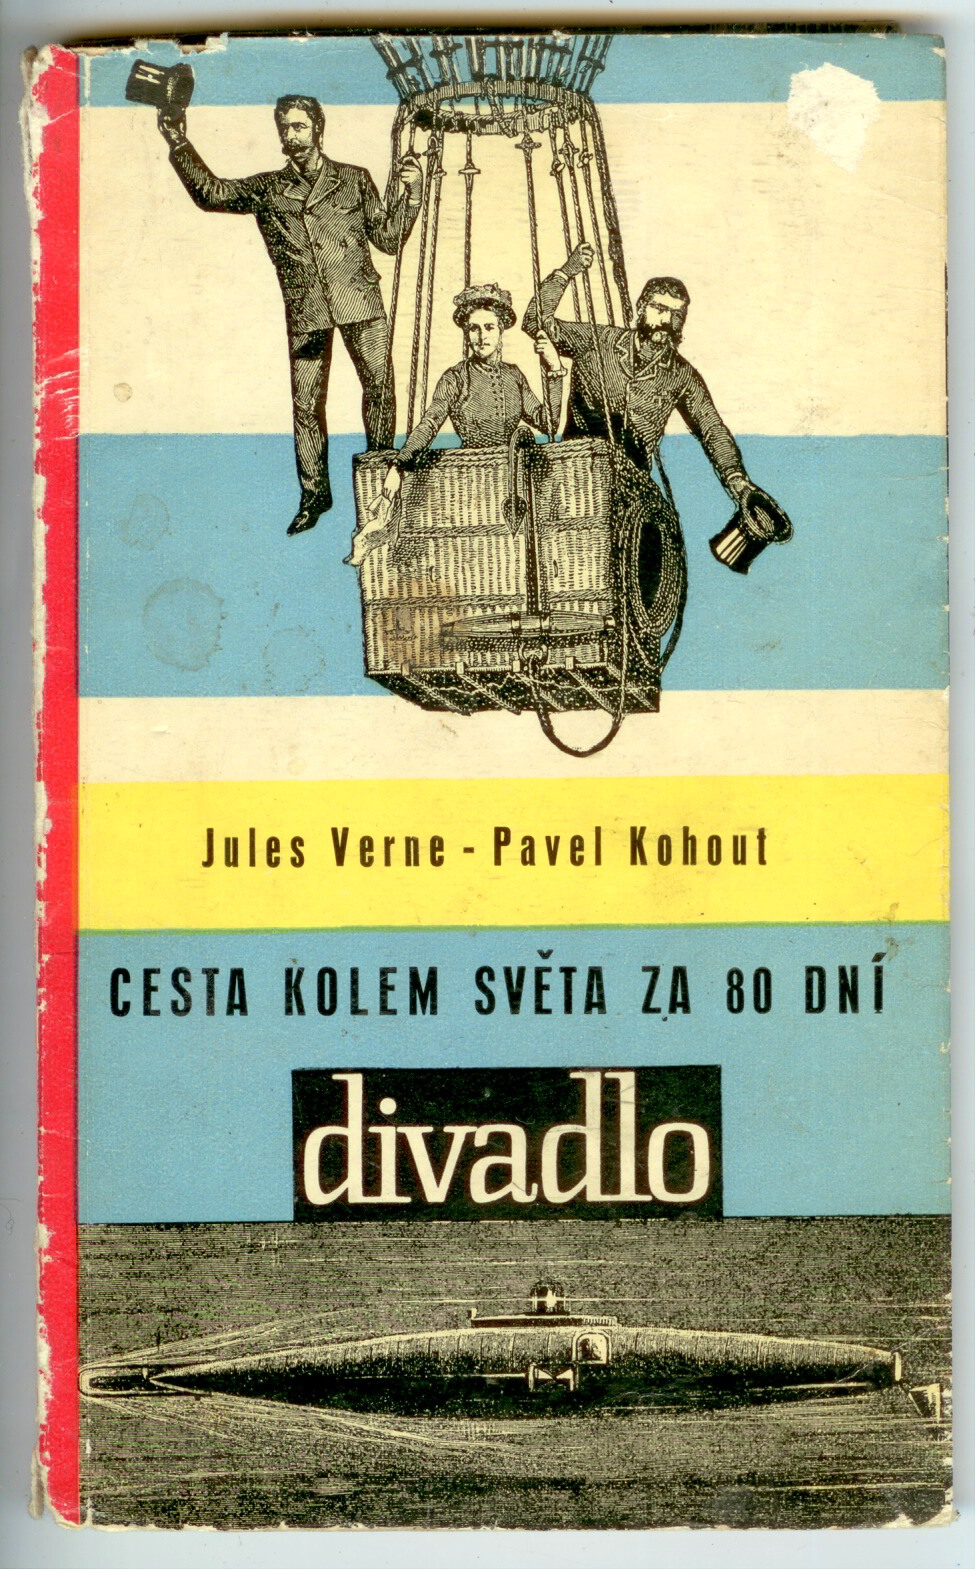 Cesta kolem světa za 80 dní - Jules Verne, Pavel Kohout